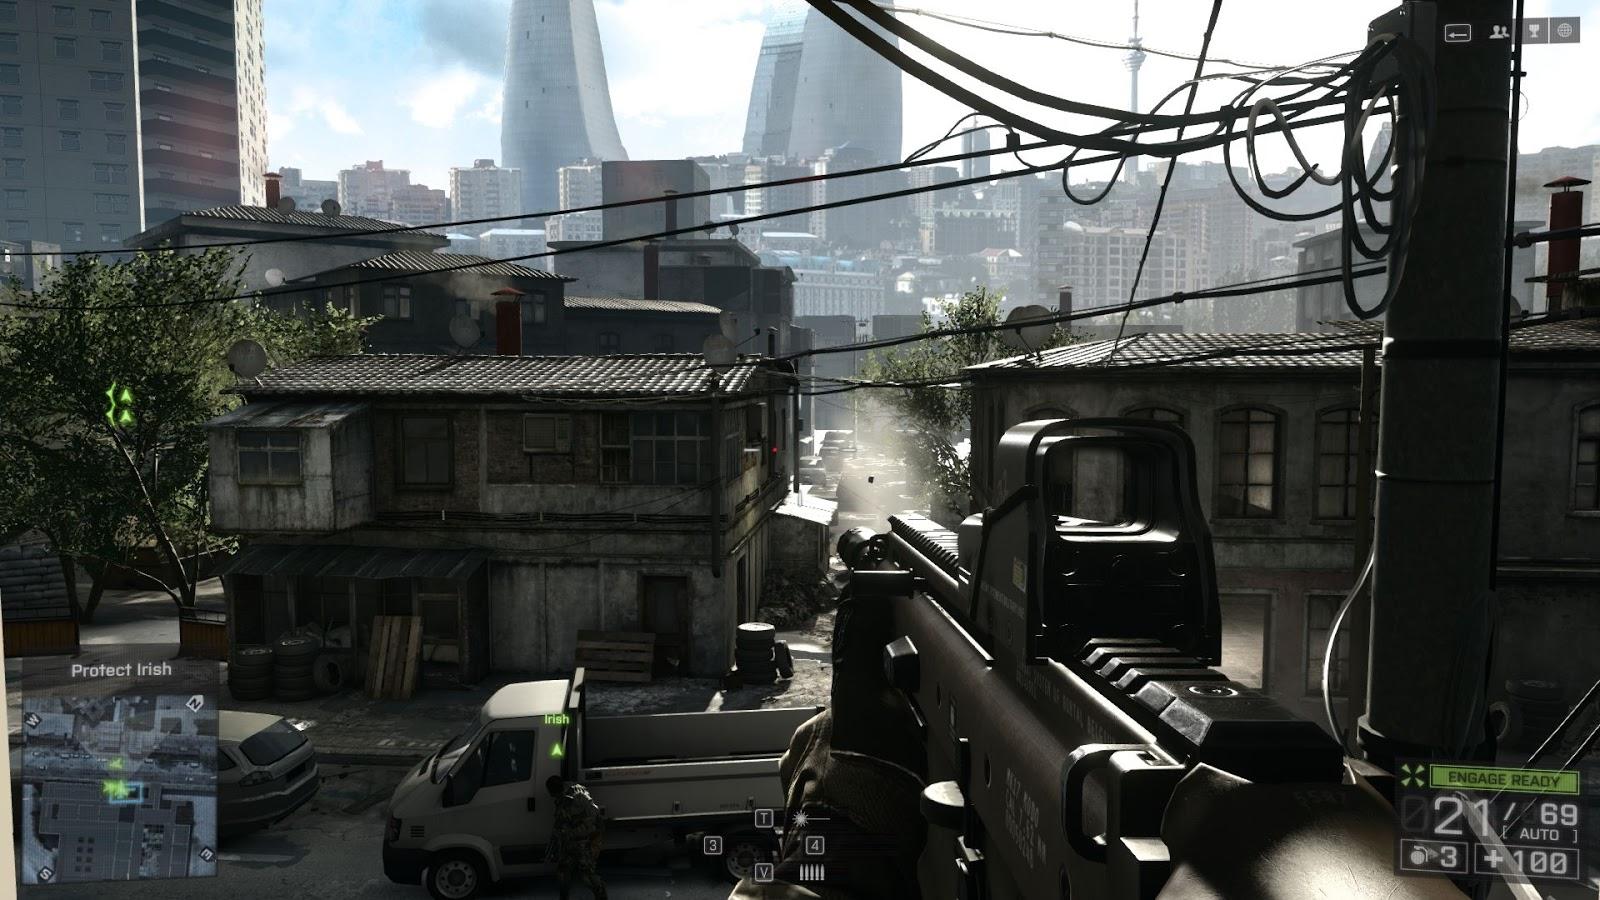 Battlefield 1 aircraft gameplay gta 4